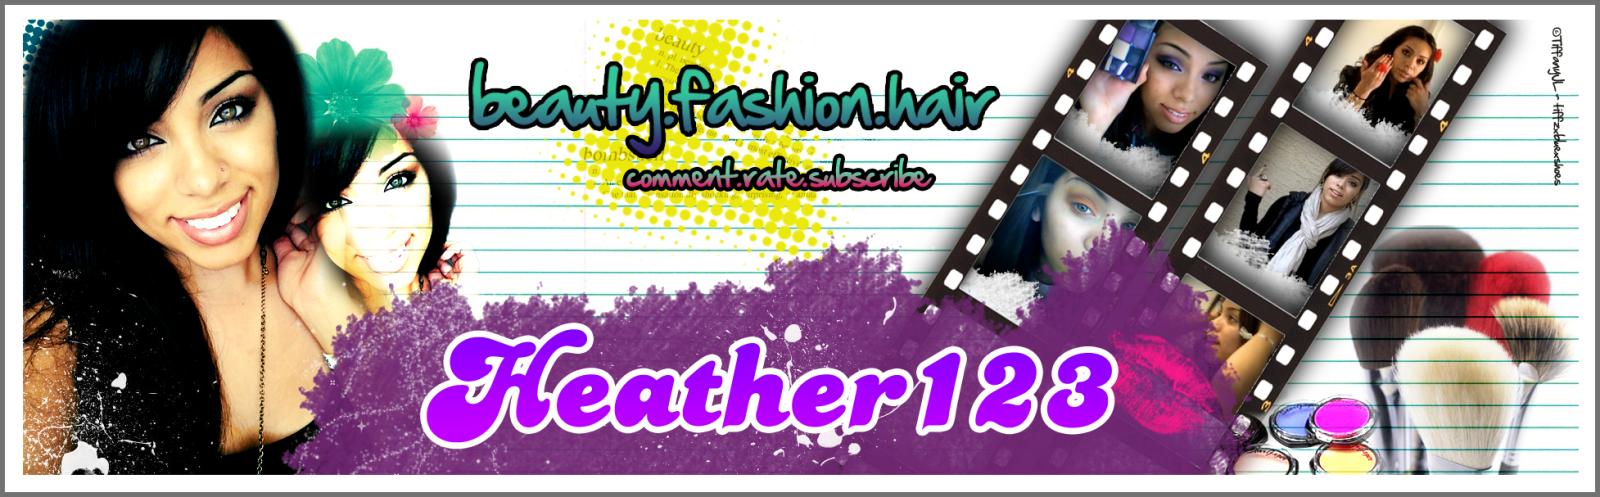 Heather123